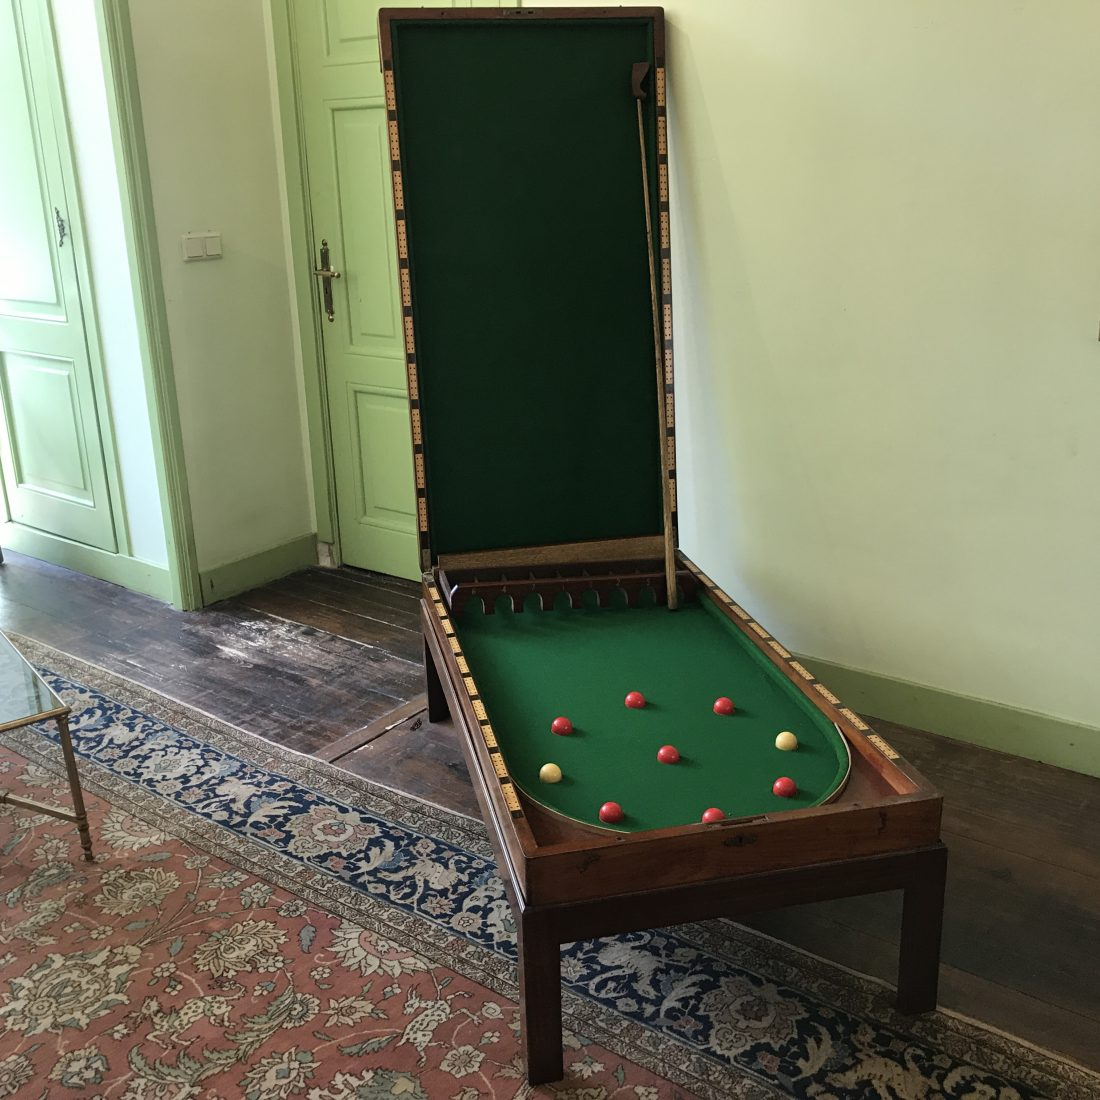 Mahoniehouten Bagatelle spel op de bijbehorende standaard, Engeland, ca. 1850